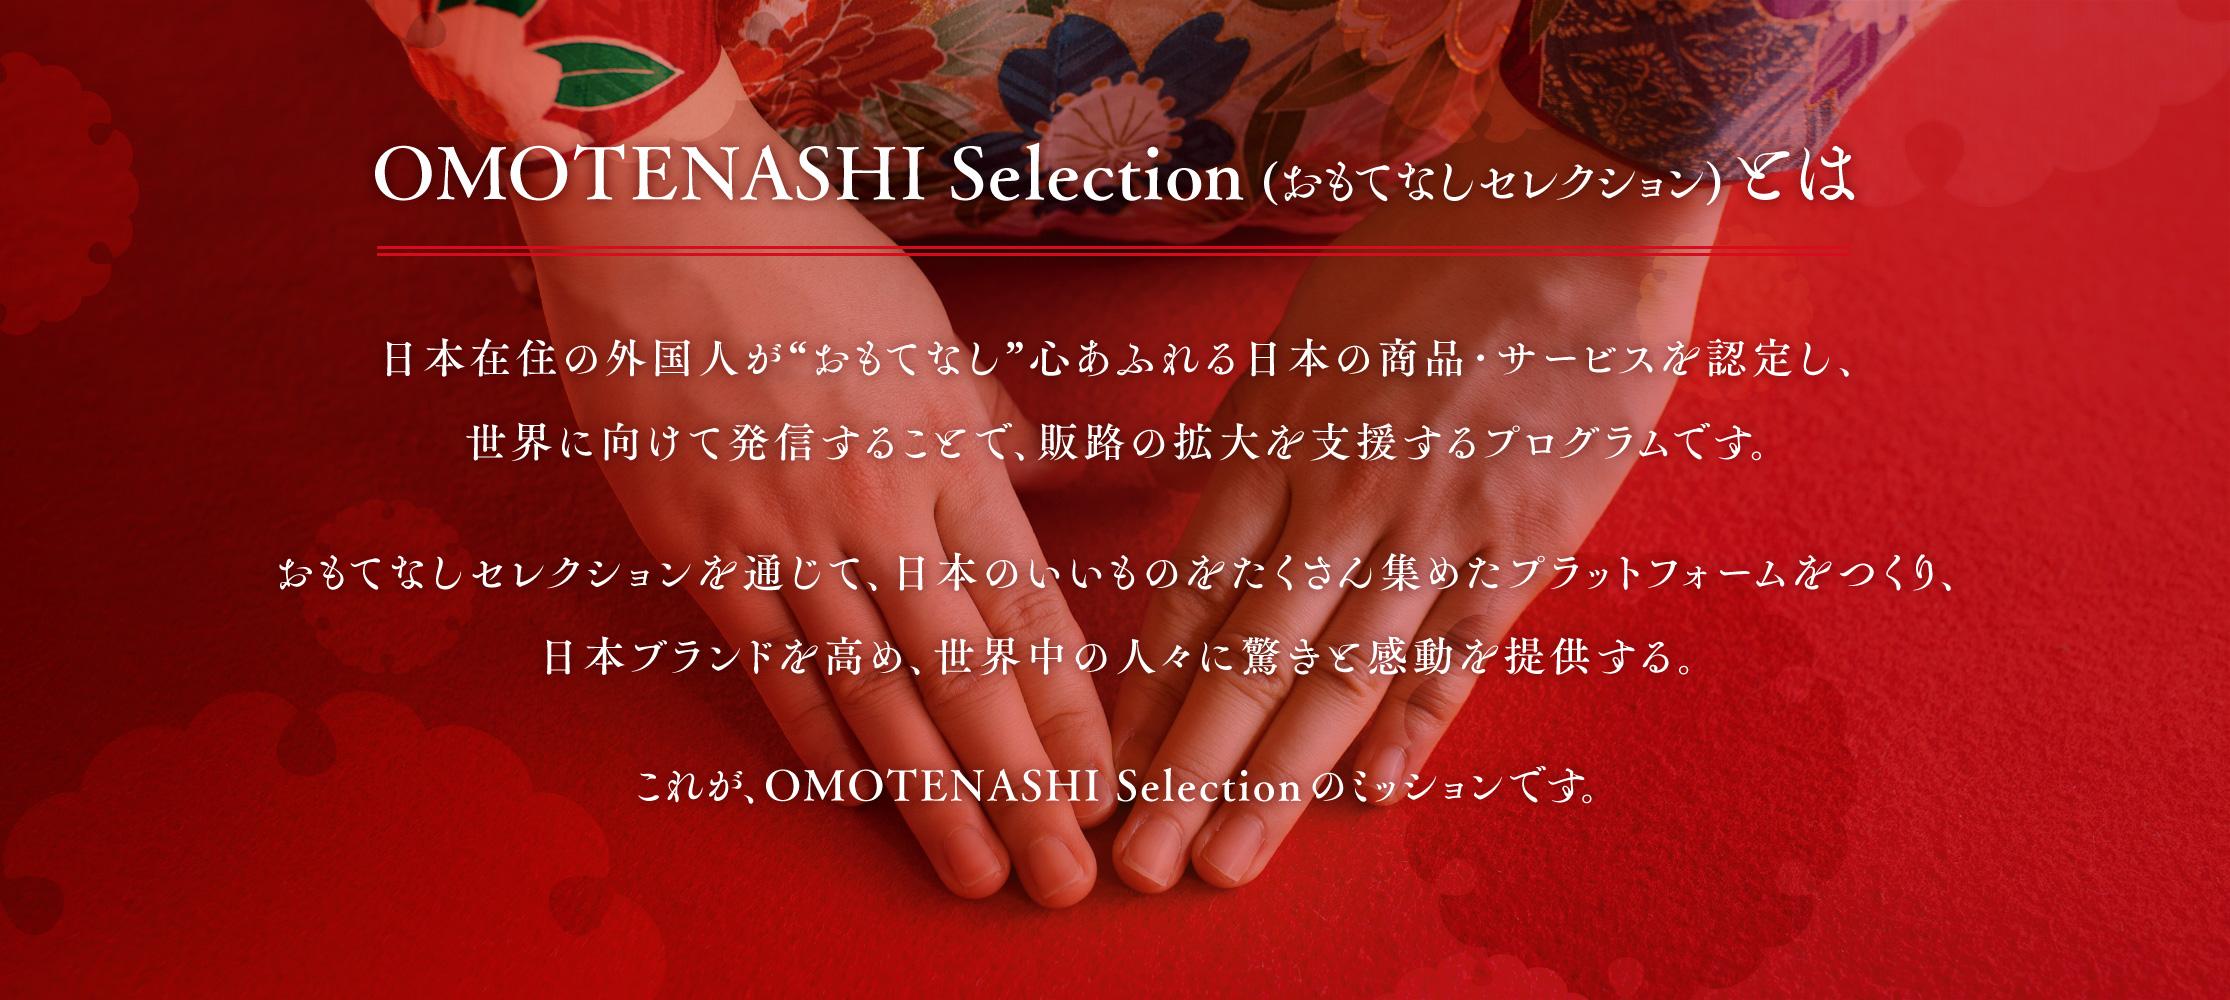 OMOTENASHI Selection とは